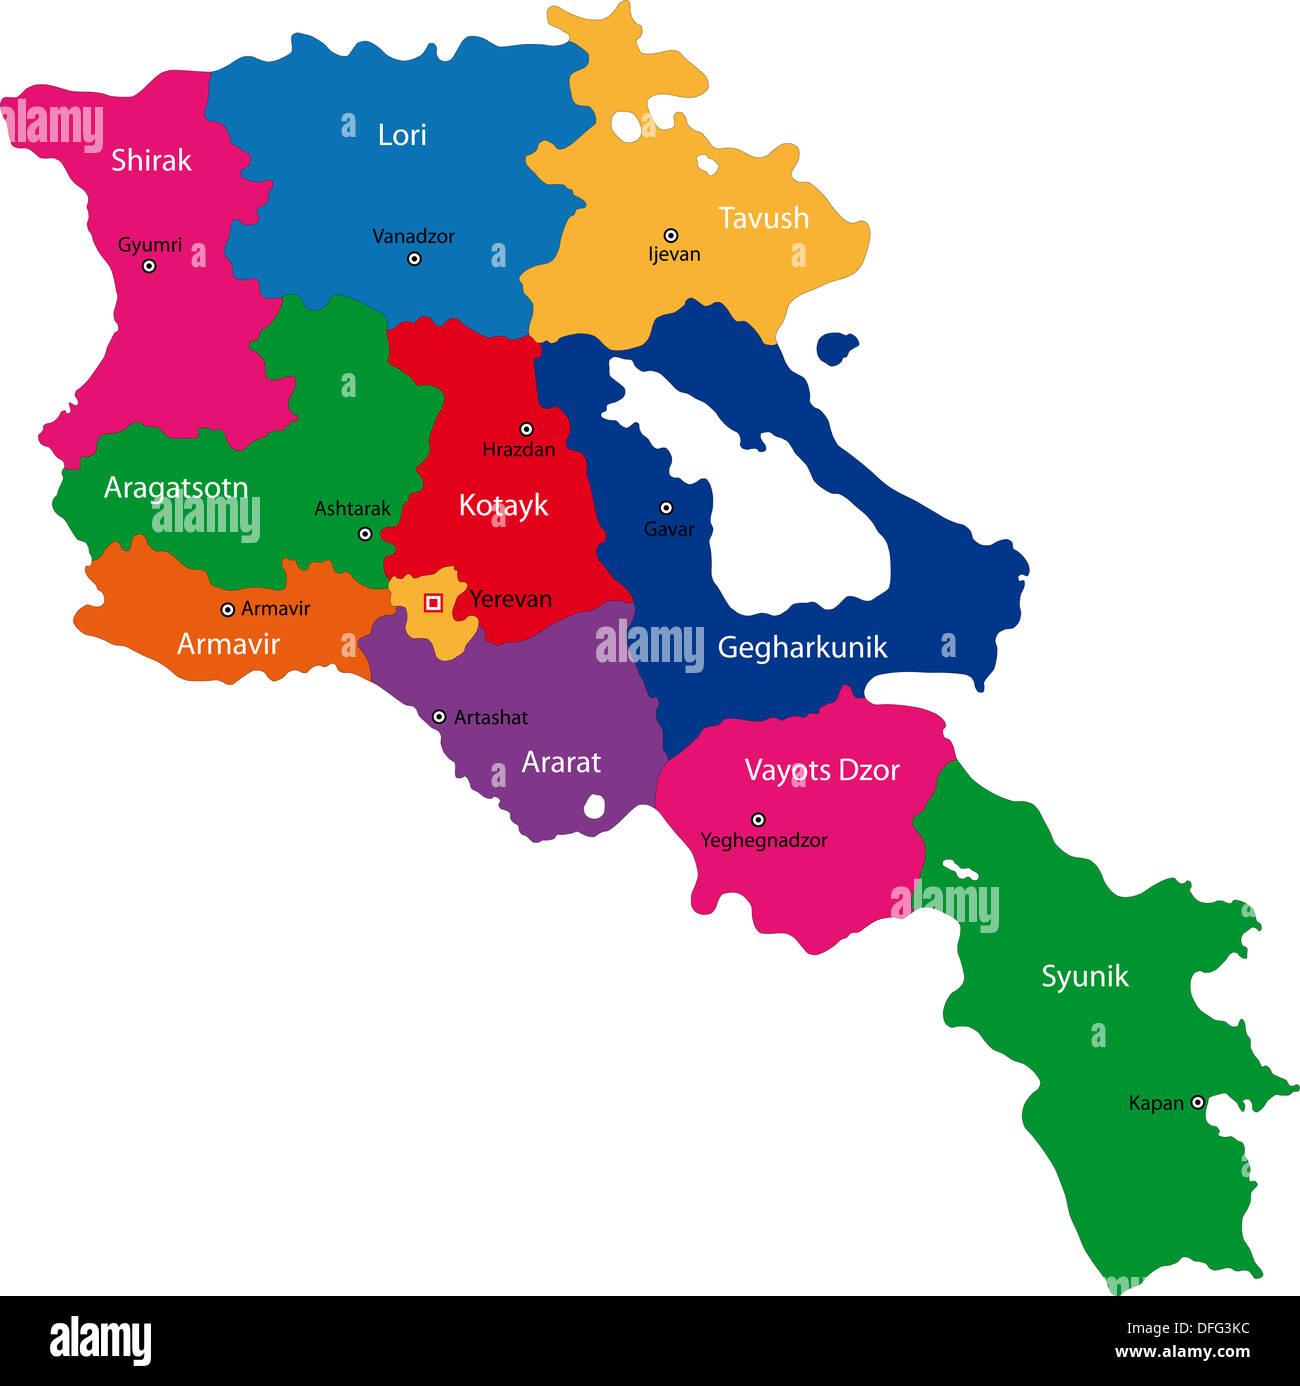 Armenia map - Stock Image